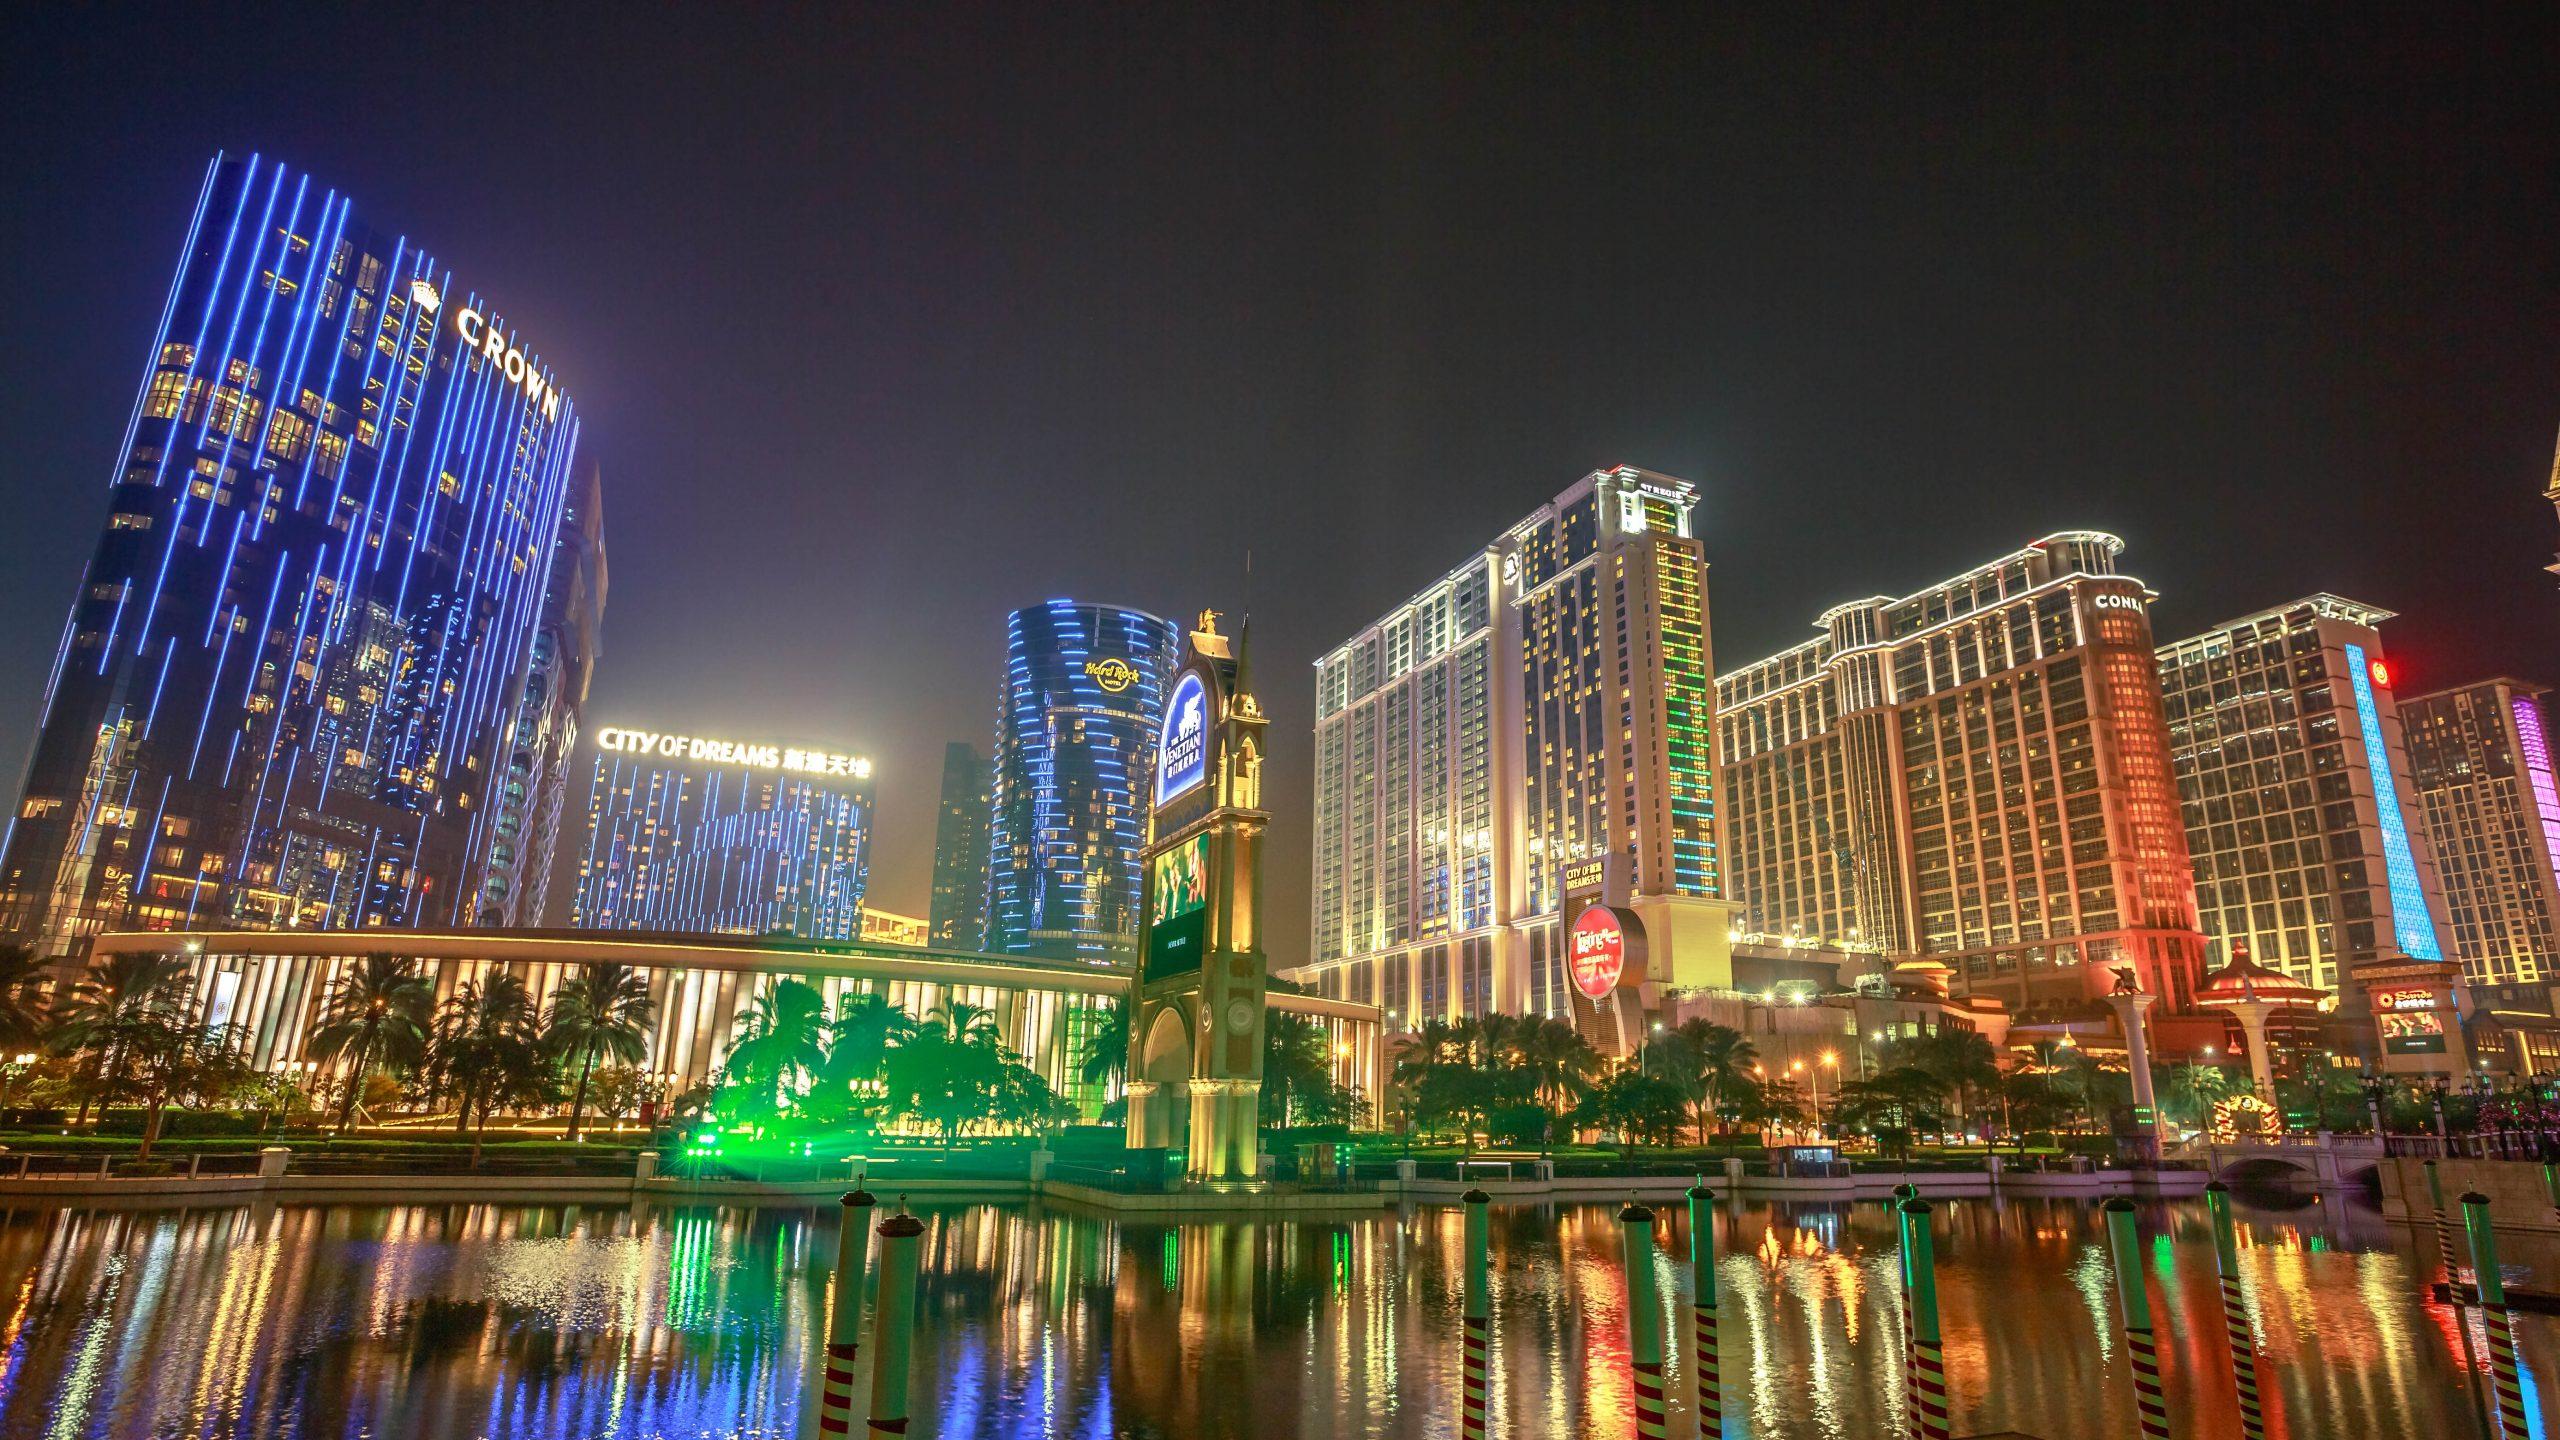 Casinos at the Cotai strip in Macau